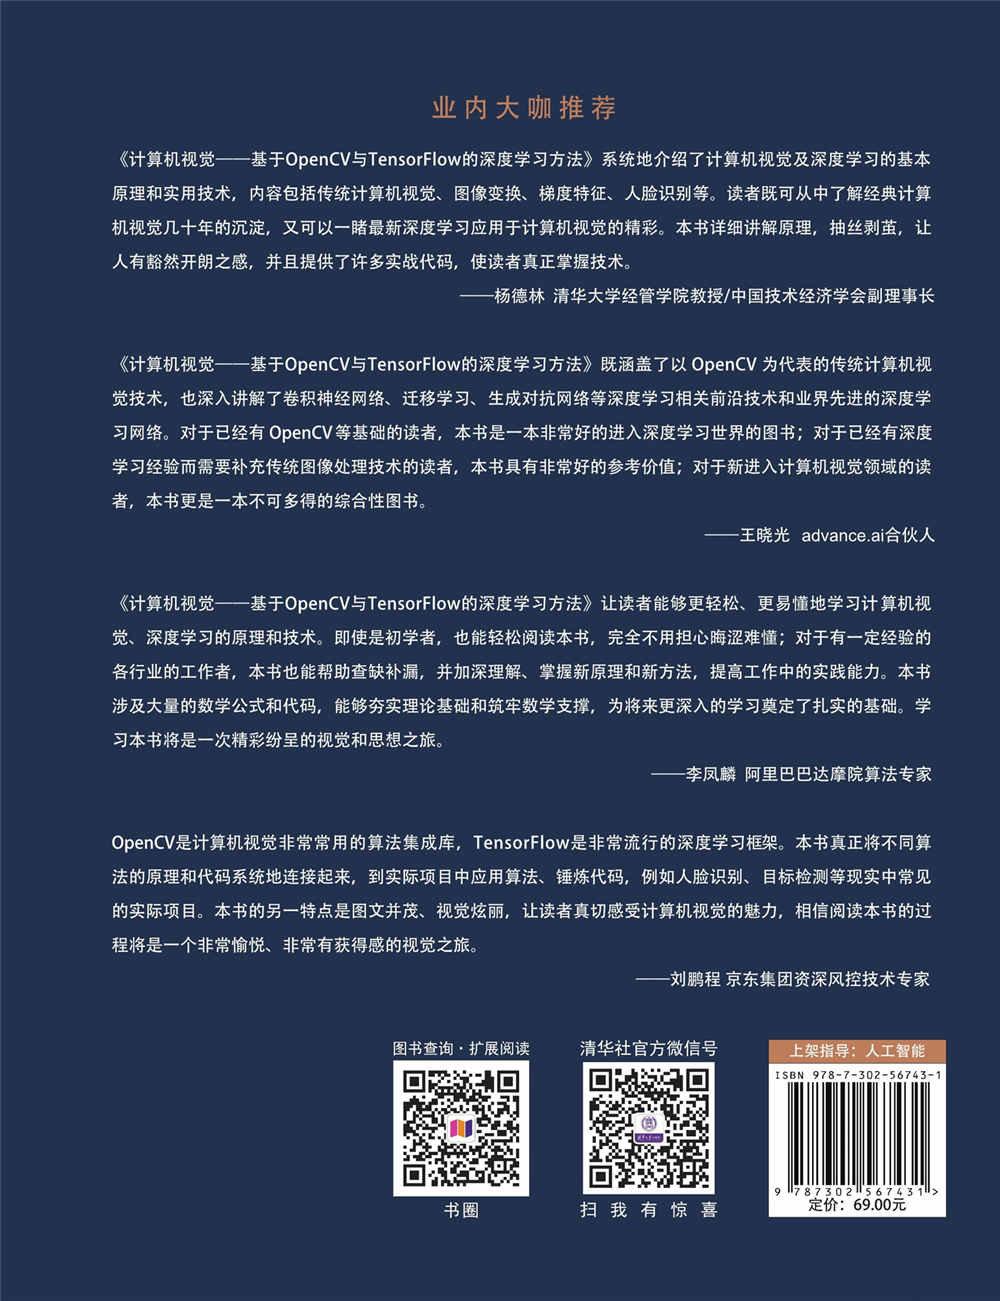 電腦視覺 — 基於 OpenCV 與 TensorFlow 的深度學習方法-preview-2